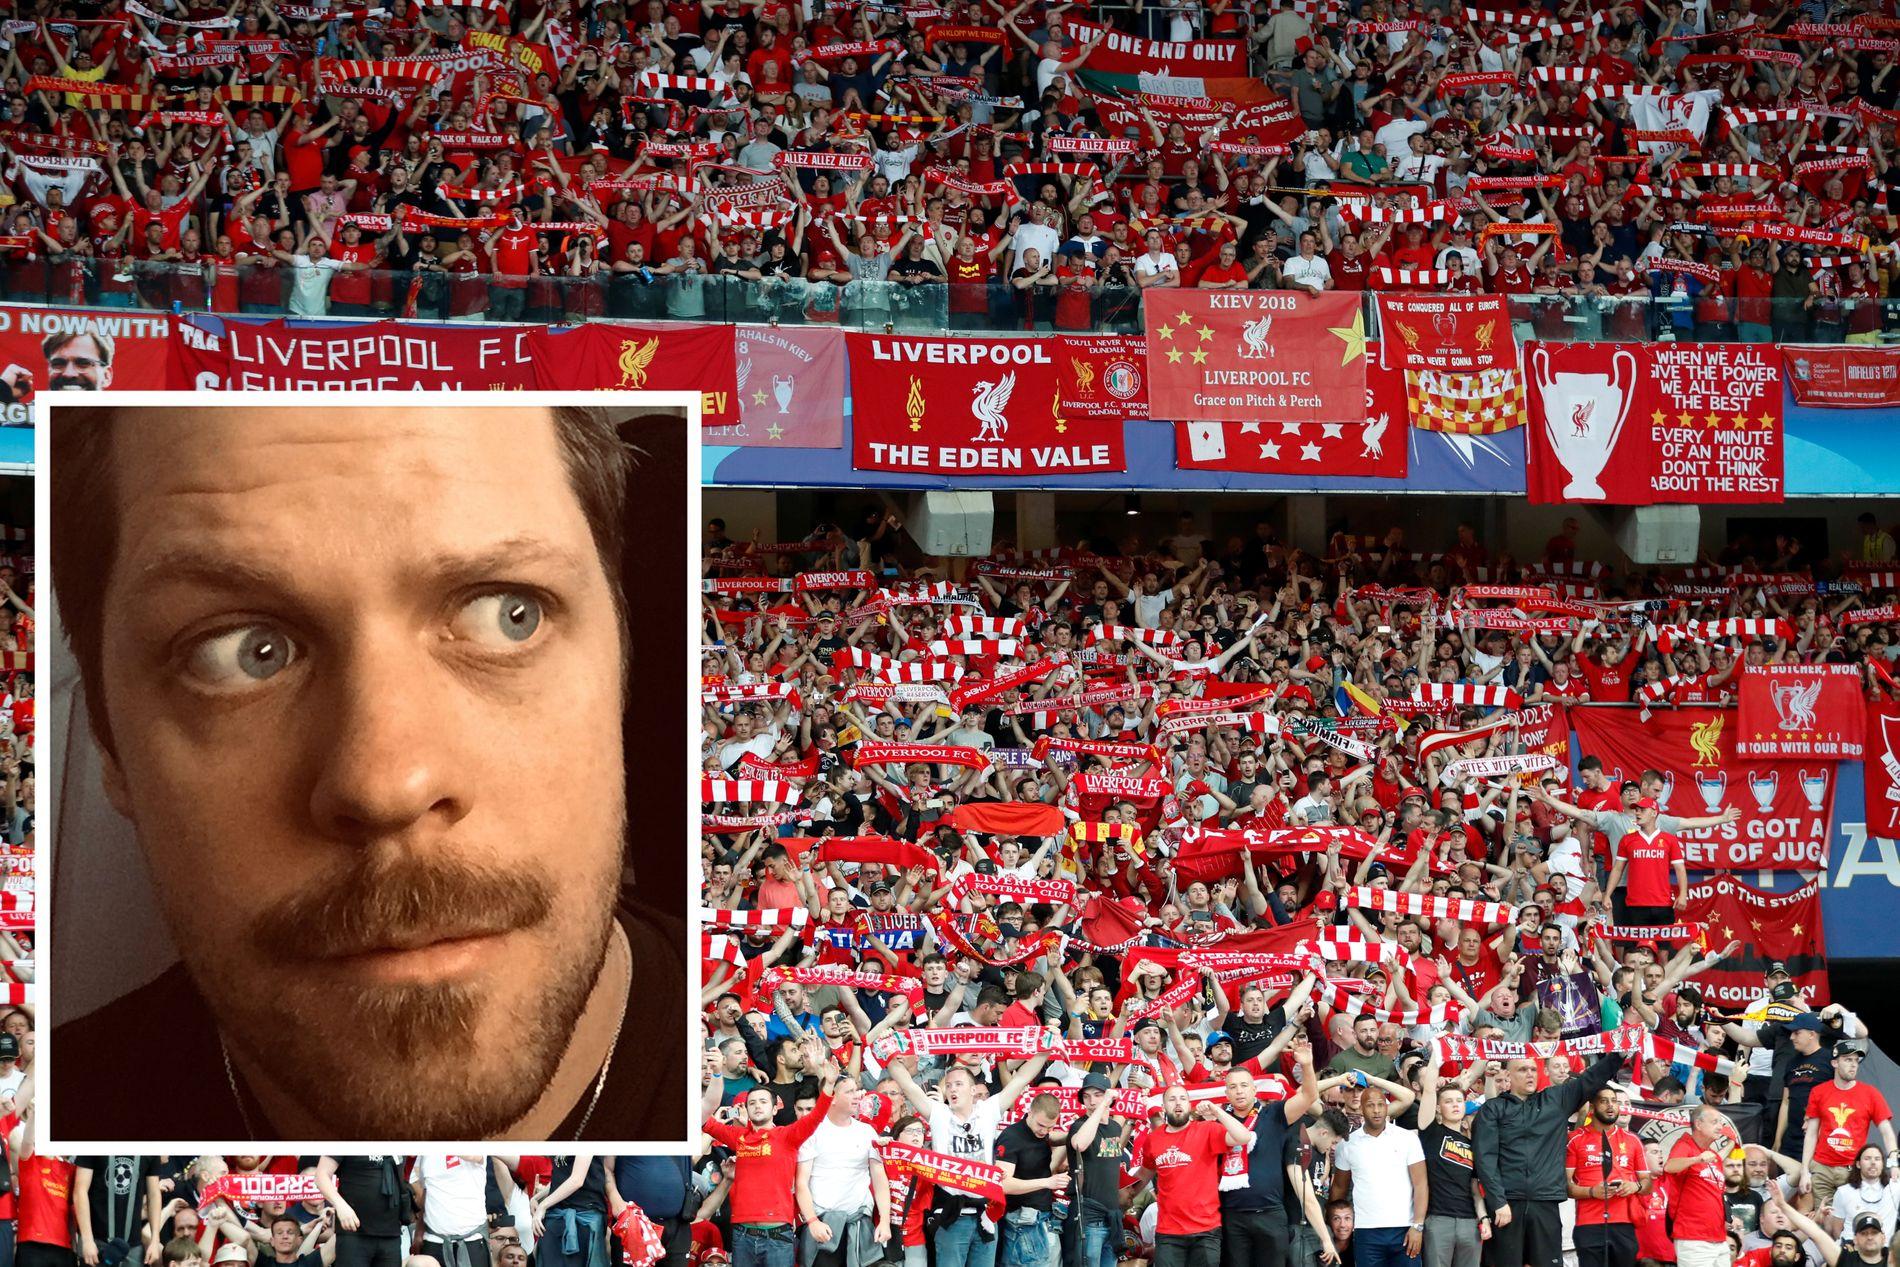 Liverpool-supportere under Champions League-finalen i Kiev i fjor. I år får laget en ny mulighet til å vinne turneringen.